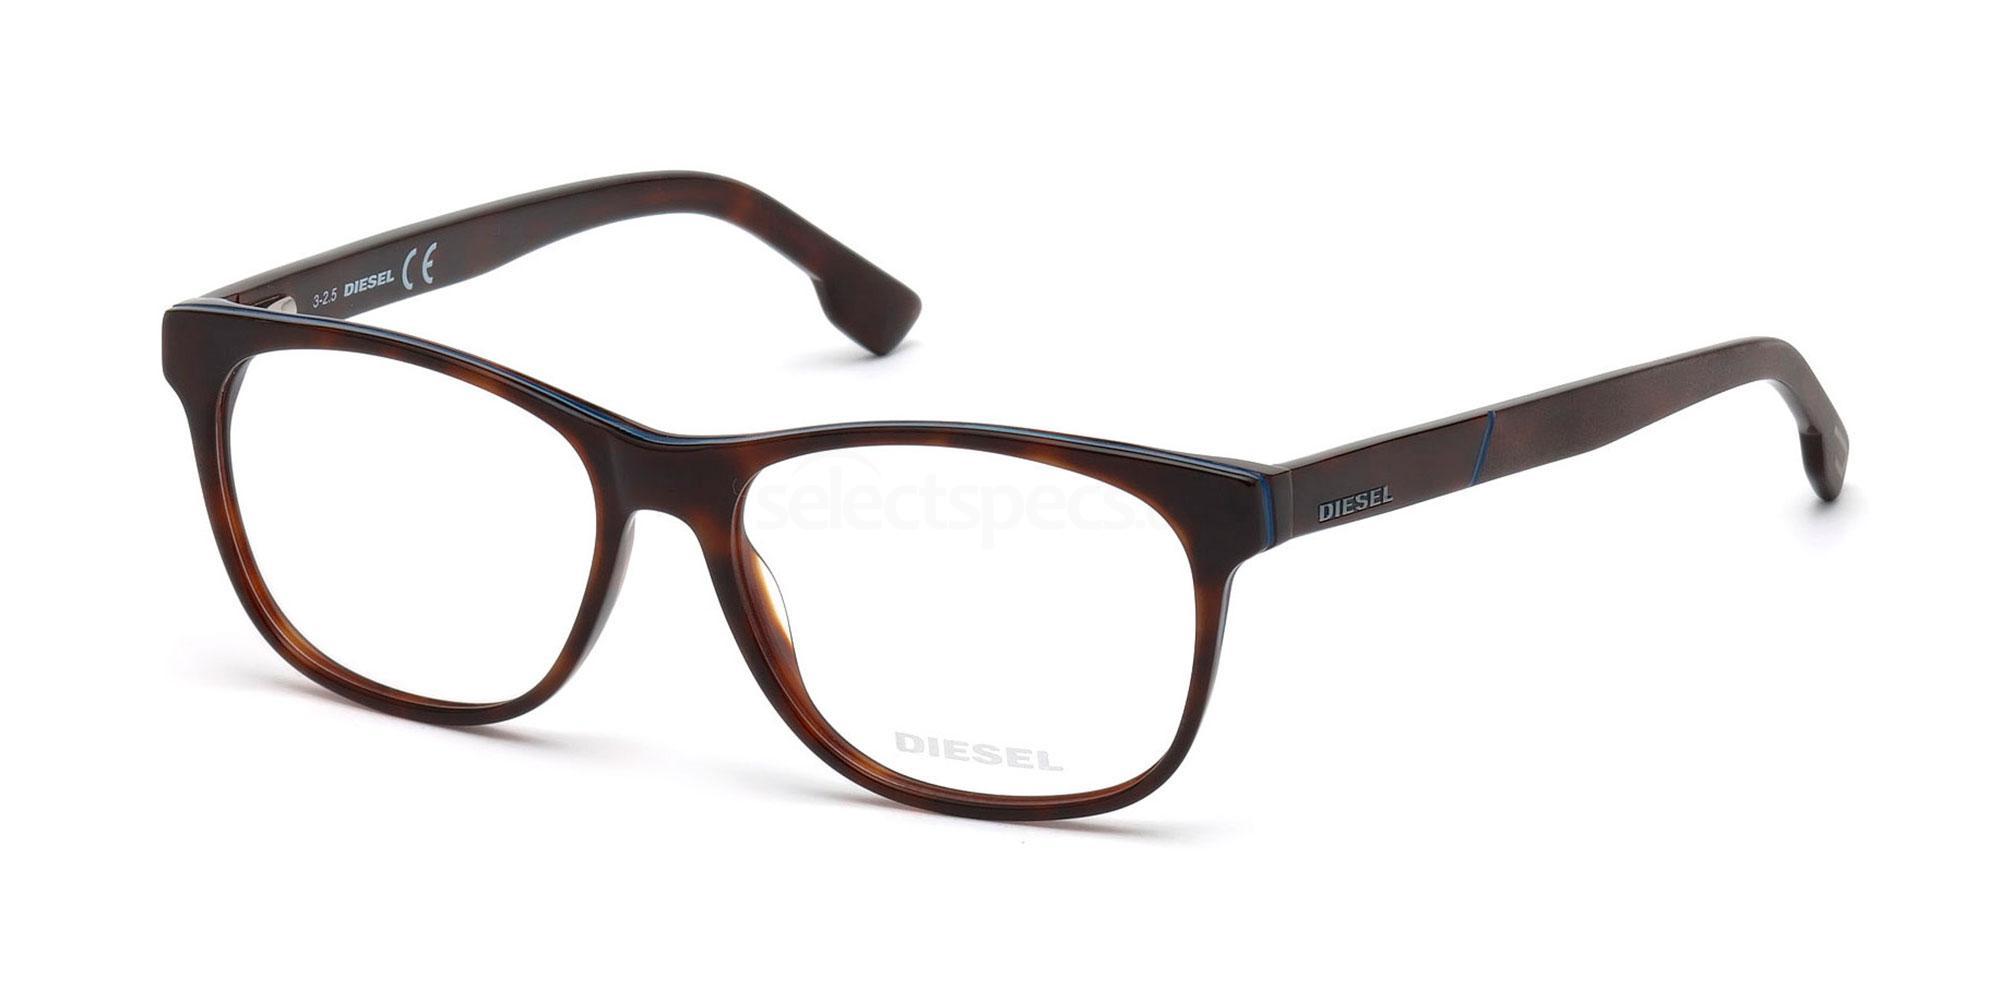 052 DL5198 Glasses, Diesel